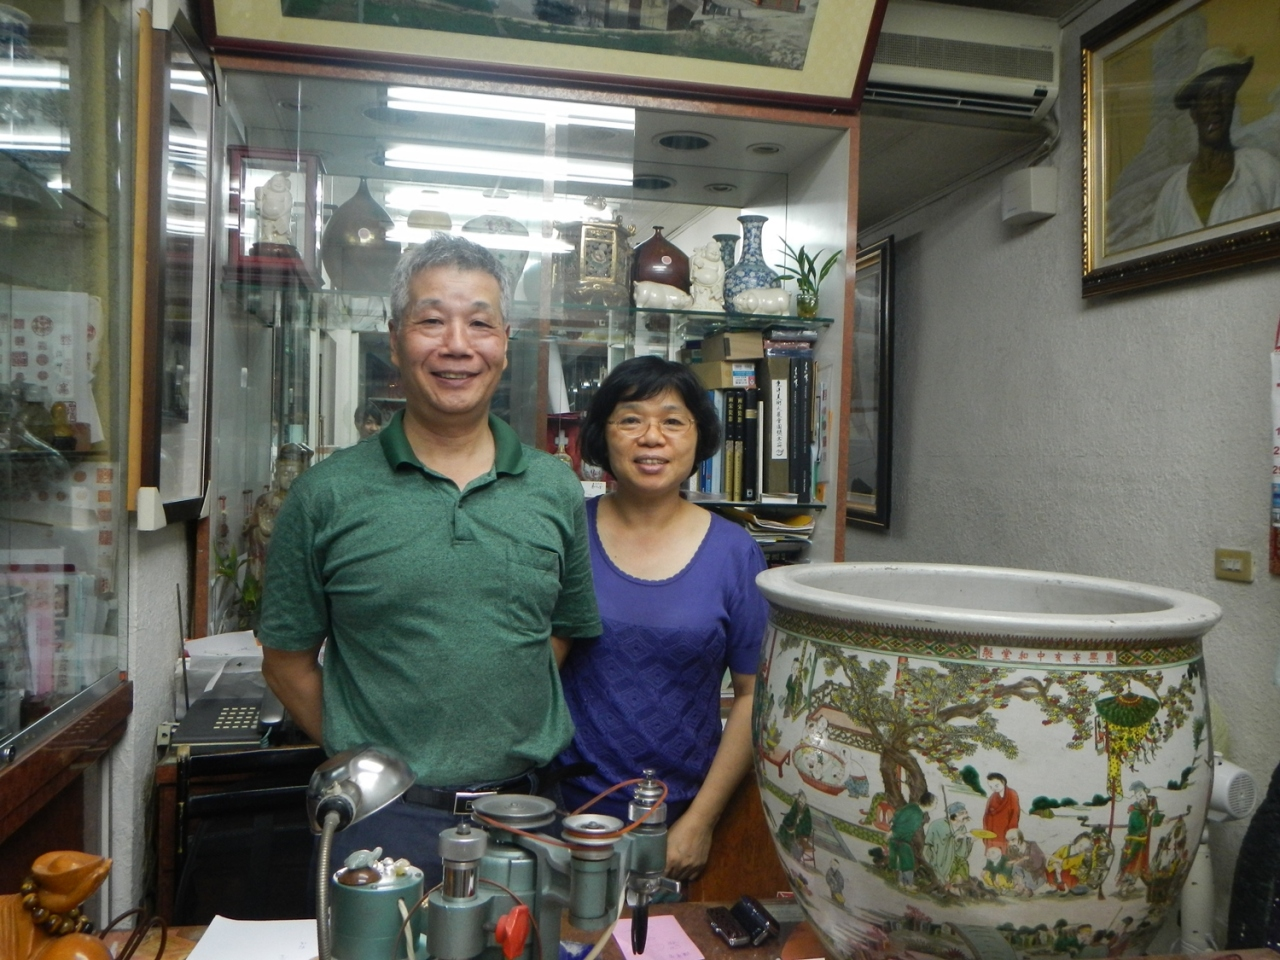 日本客人鏡頭下的易文堂店主夫婦